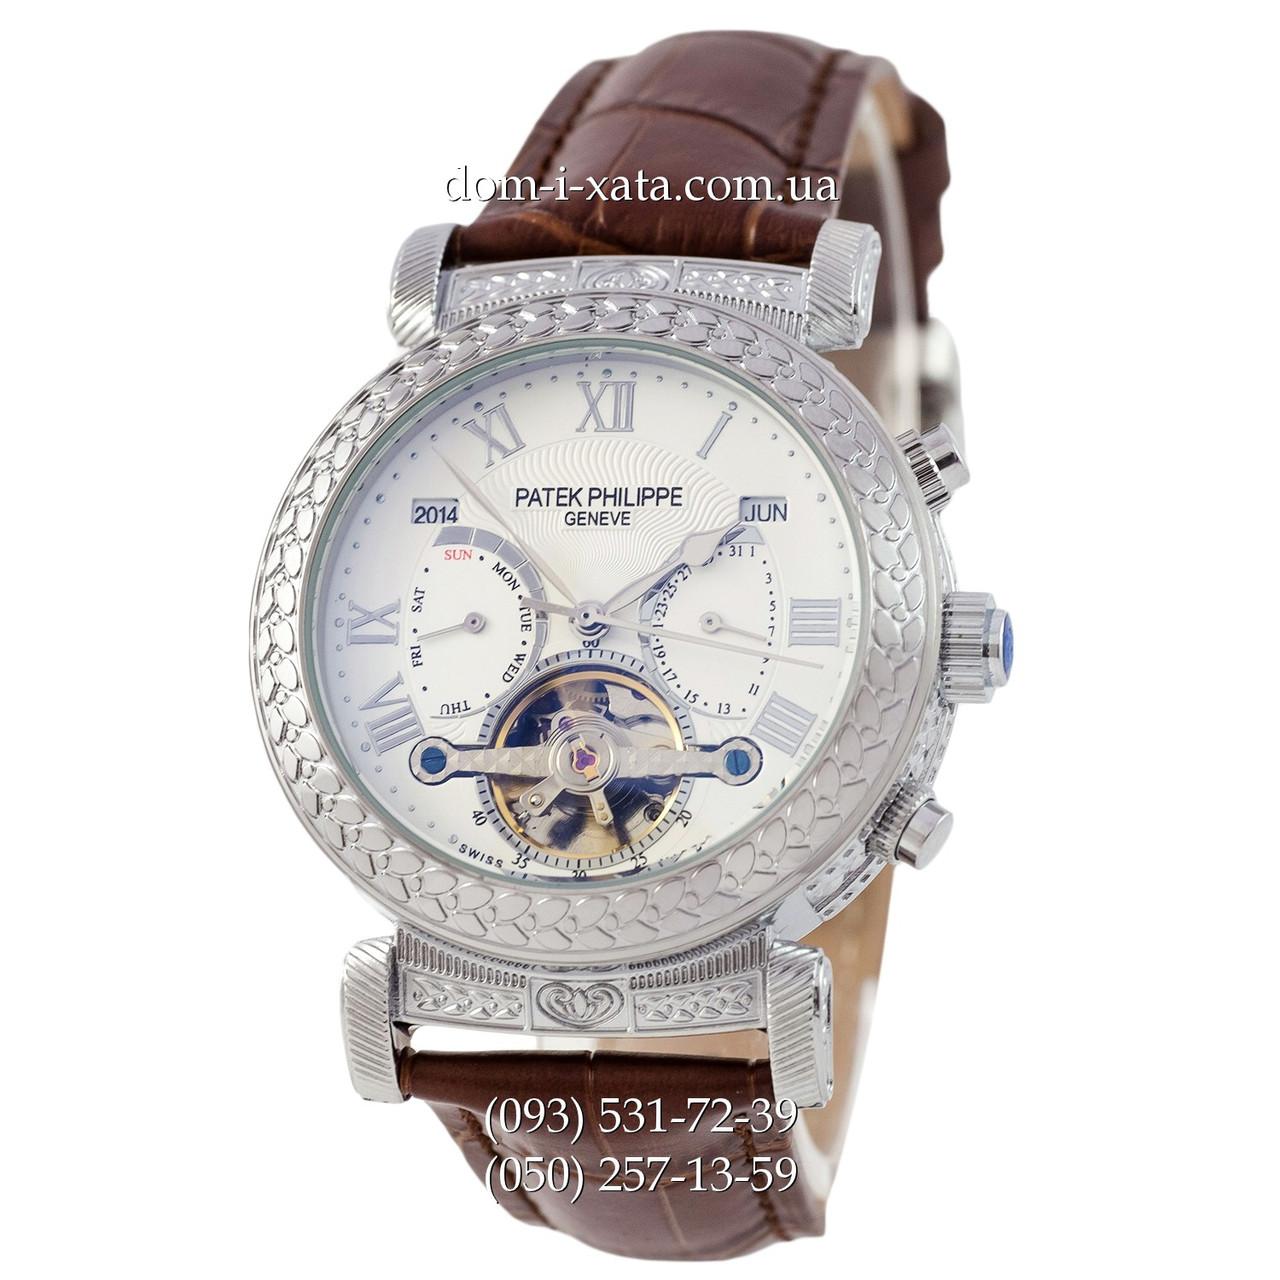 Мужские часы Patek Philippe Grand Complications Power Tourbillon Brown-Silver-Whit, механические, элитные часы, реплика, отличное качество!